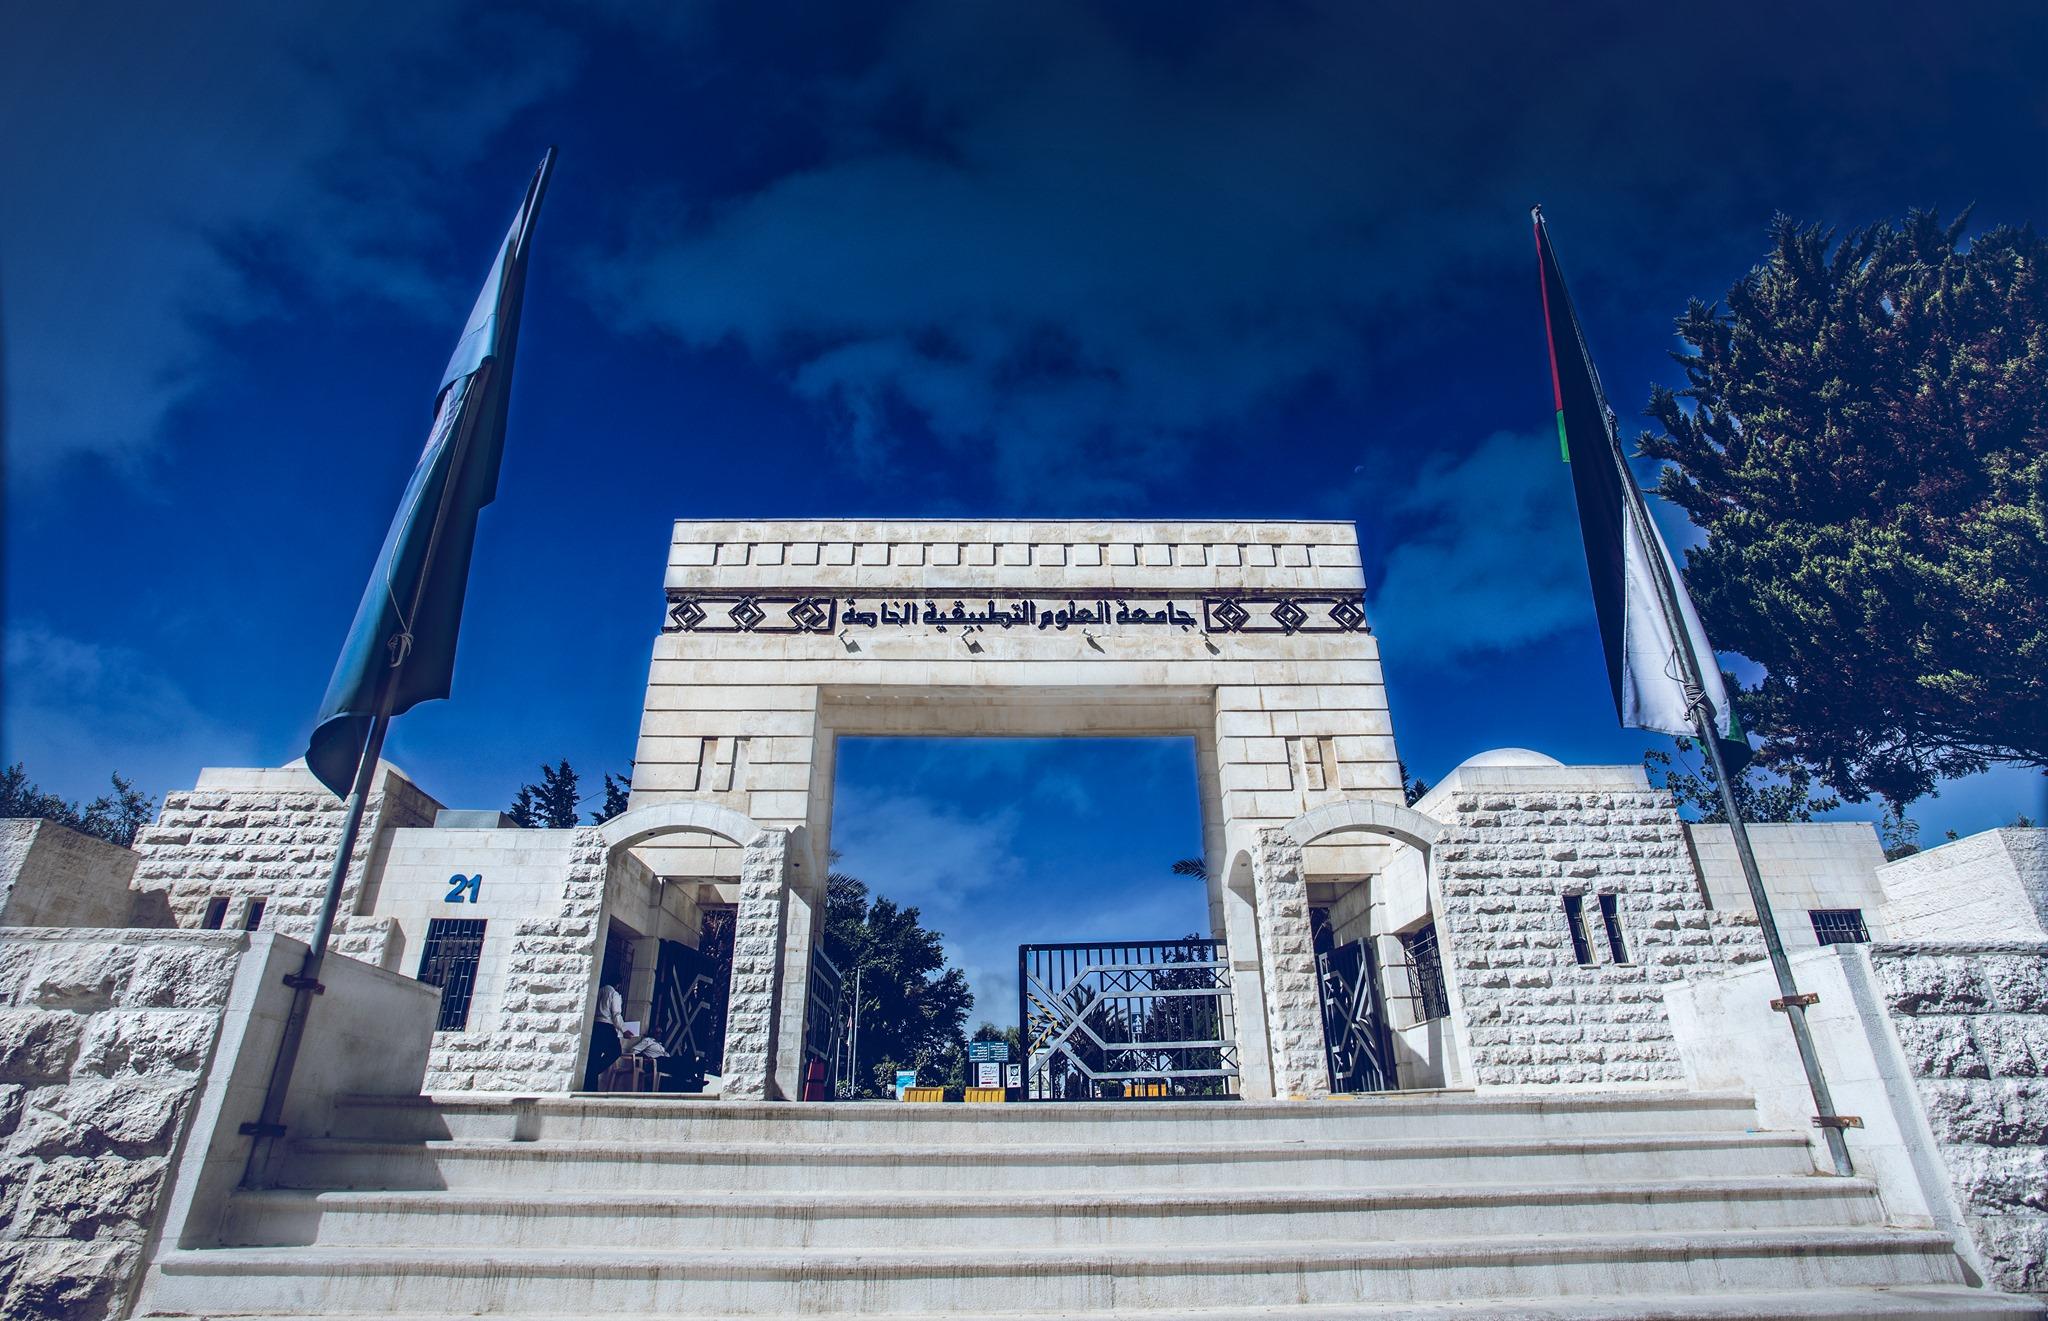 جامعة العلوم التطبيقية الخاصة تنفرد بالمركز الأول على مستوى جامعات الشرق الأوسط وشمال إفريقيا للأمن السيبراني في العام الثاني وعلى التوالي